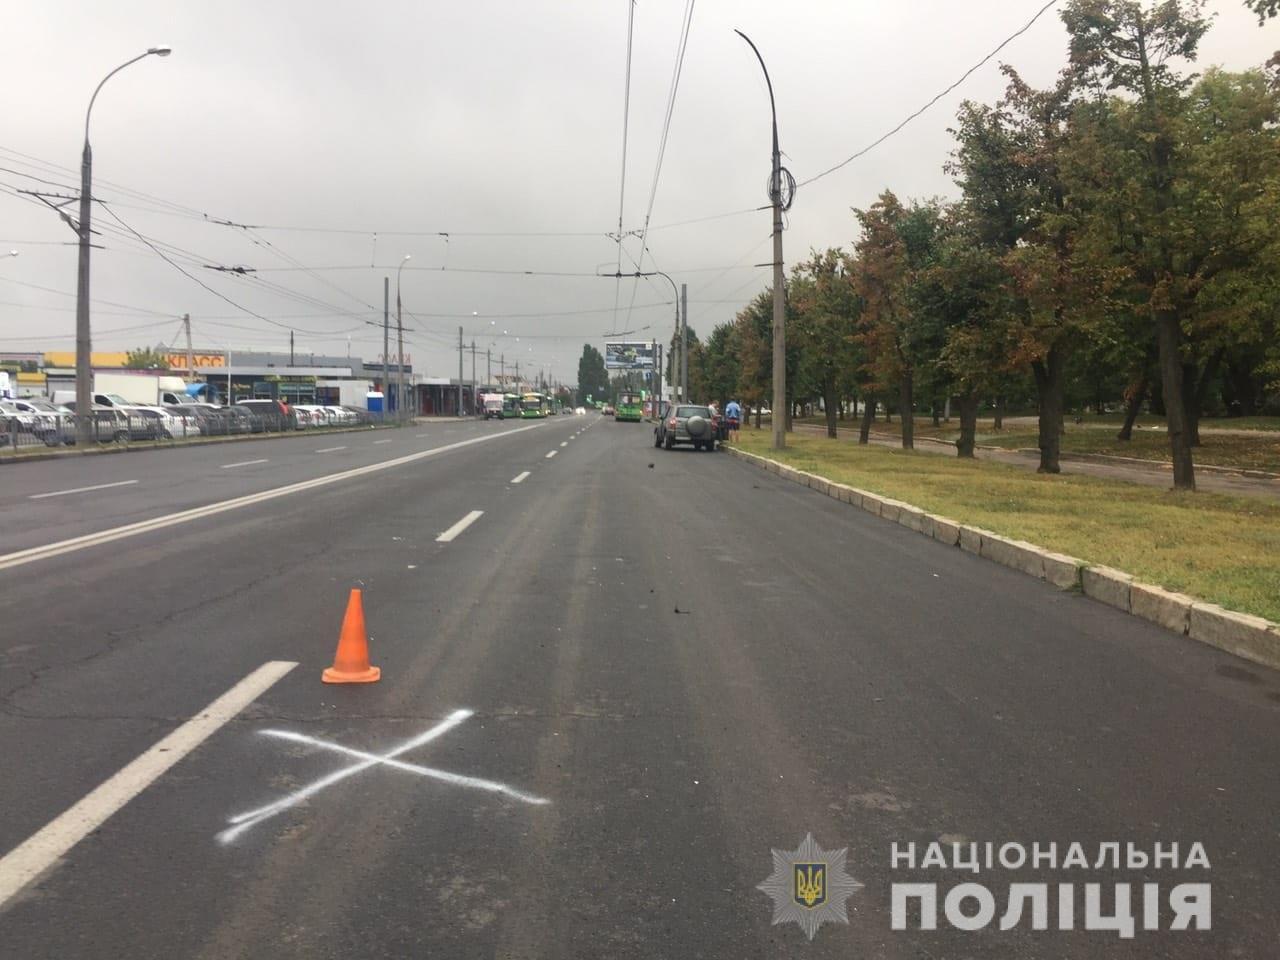 На Героев Сталинграда автомобиль сбил пешехода, - ФОТО, фото-1